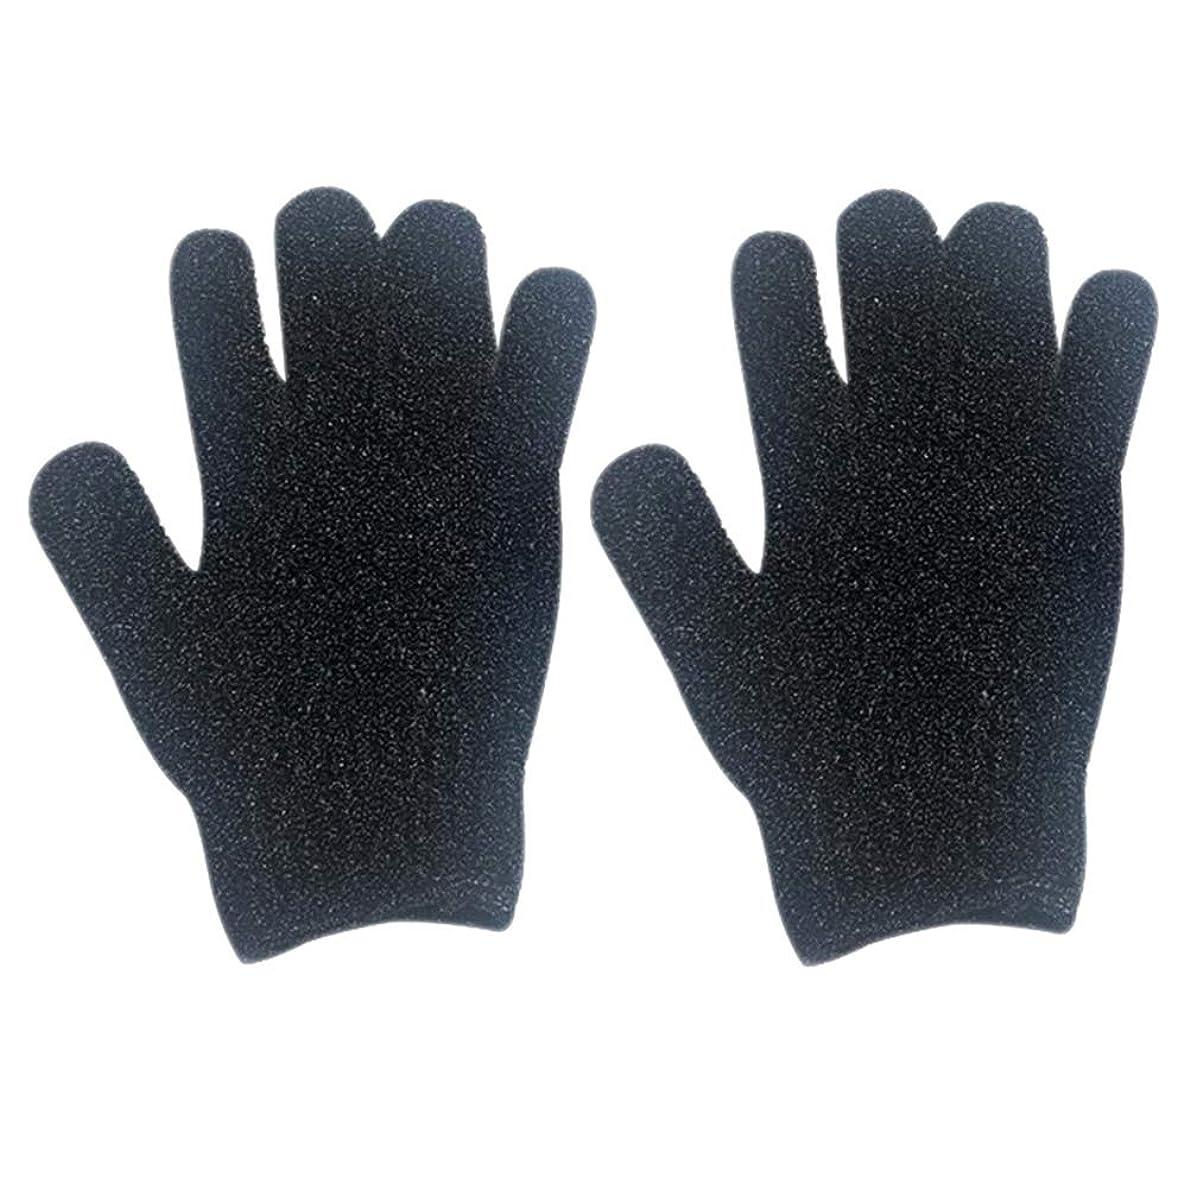 マウントグループ欠乏Healifty エクスフォリエイティンググローブラビング手袋エクスフォリエーター手袋入浴スパ2本